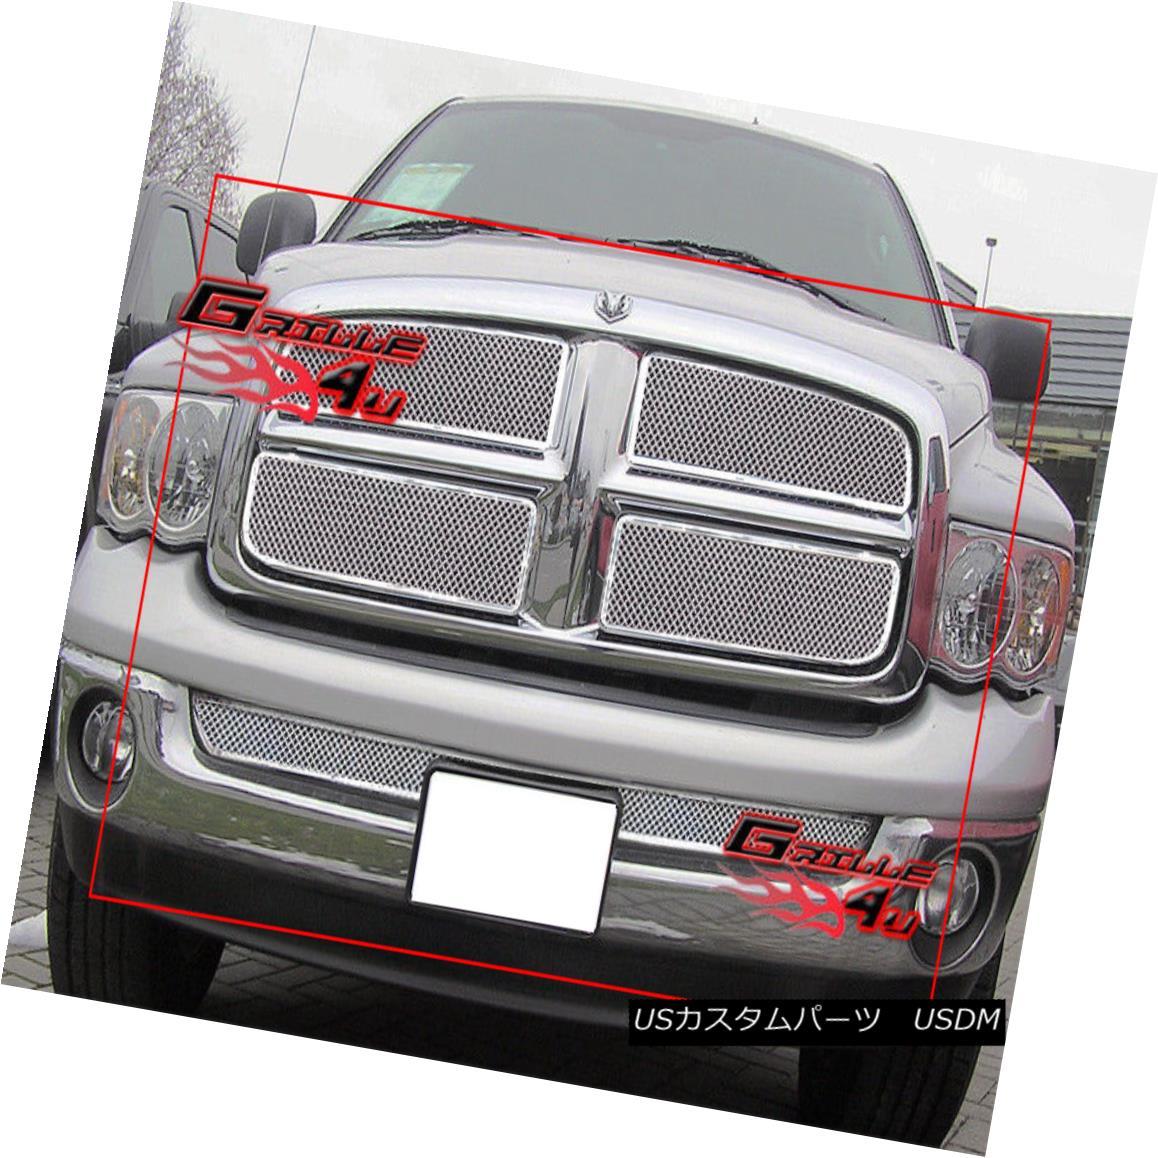 グリル For 02-05 Dodge Ram Stainless Steel Mesh Grille Combo 02-05ダッジラムステンレスメッシュグリルコンボ用